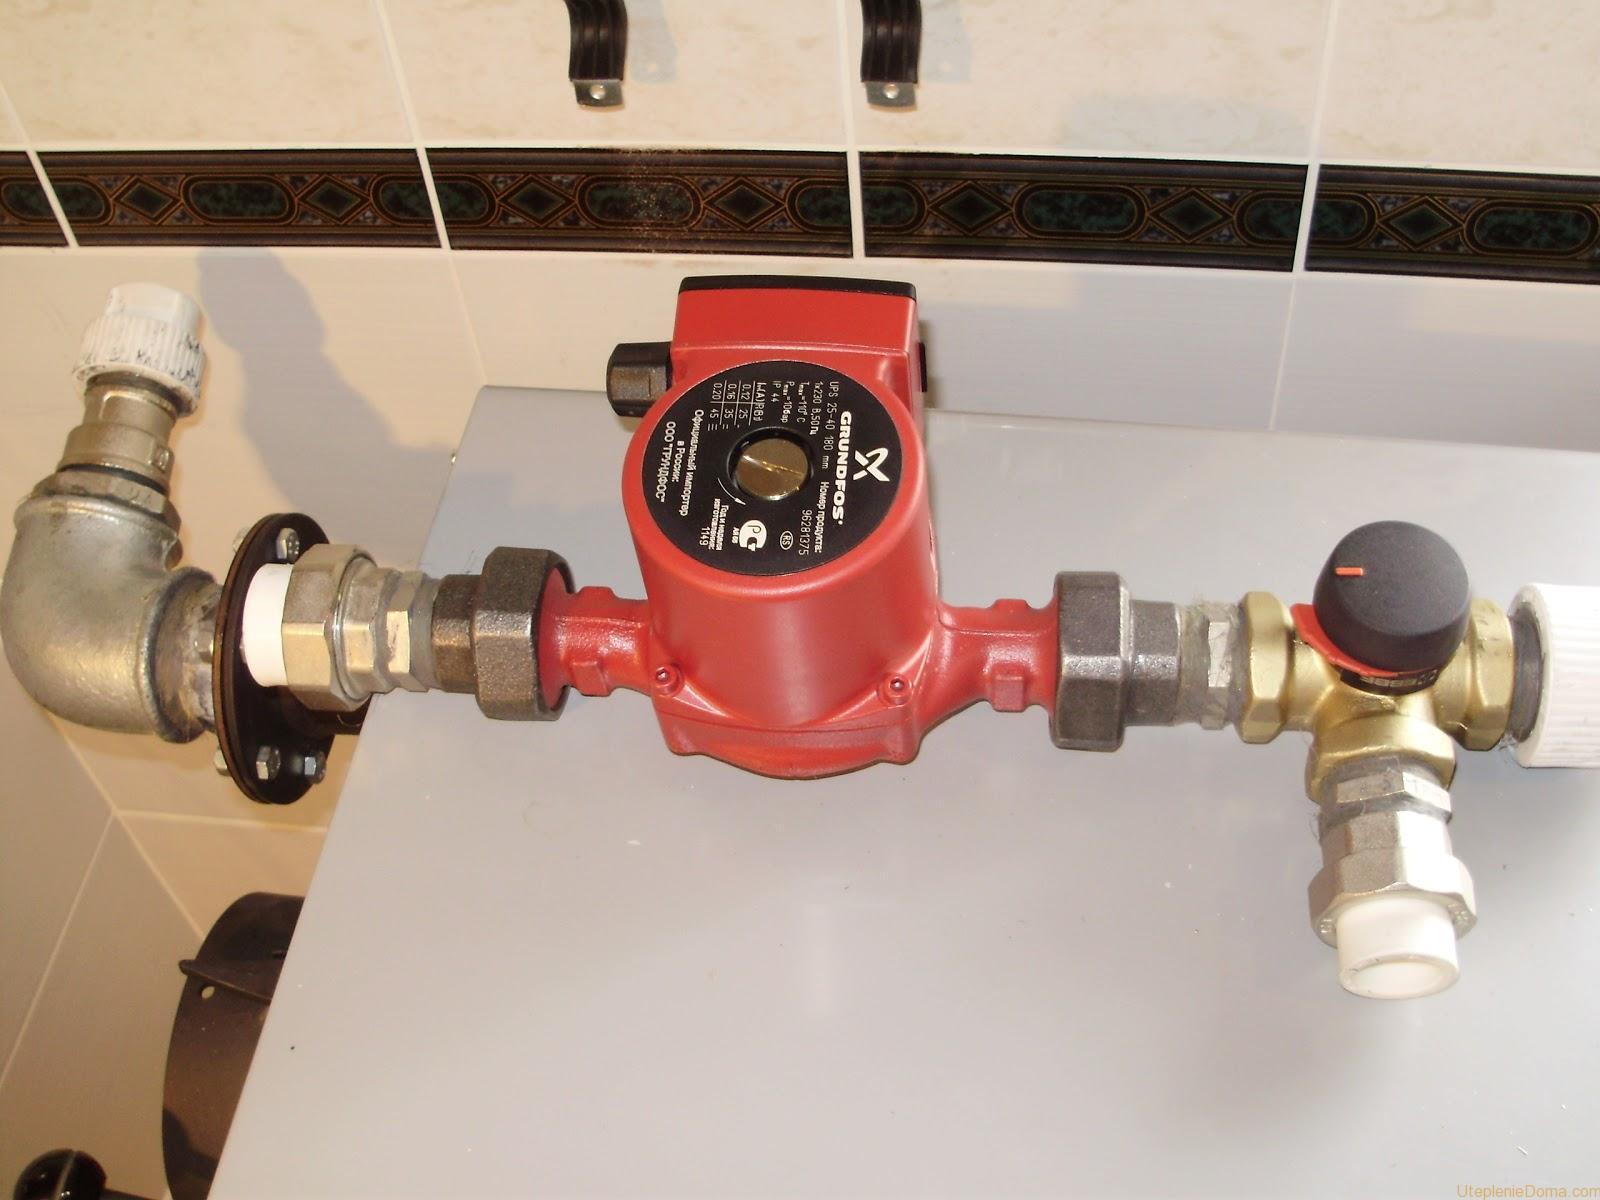 Установка циркуляционного насоса в систему отопления частного дома, как правильно произвести монтаж